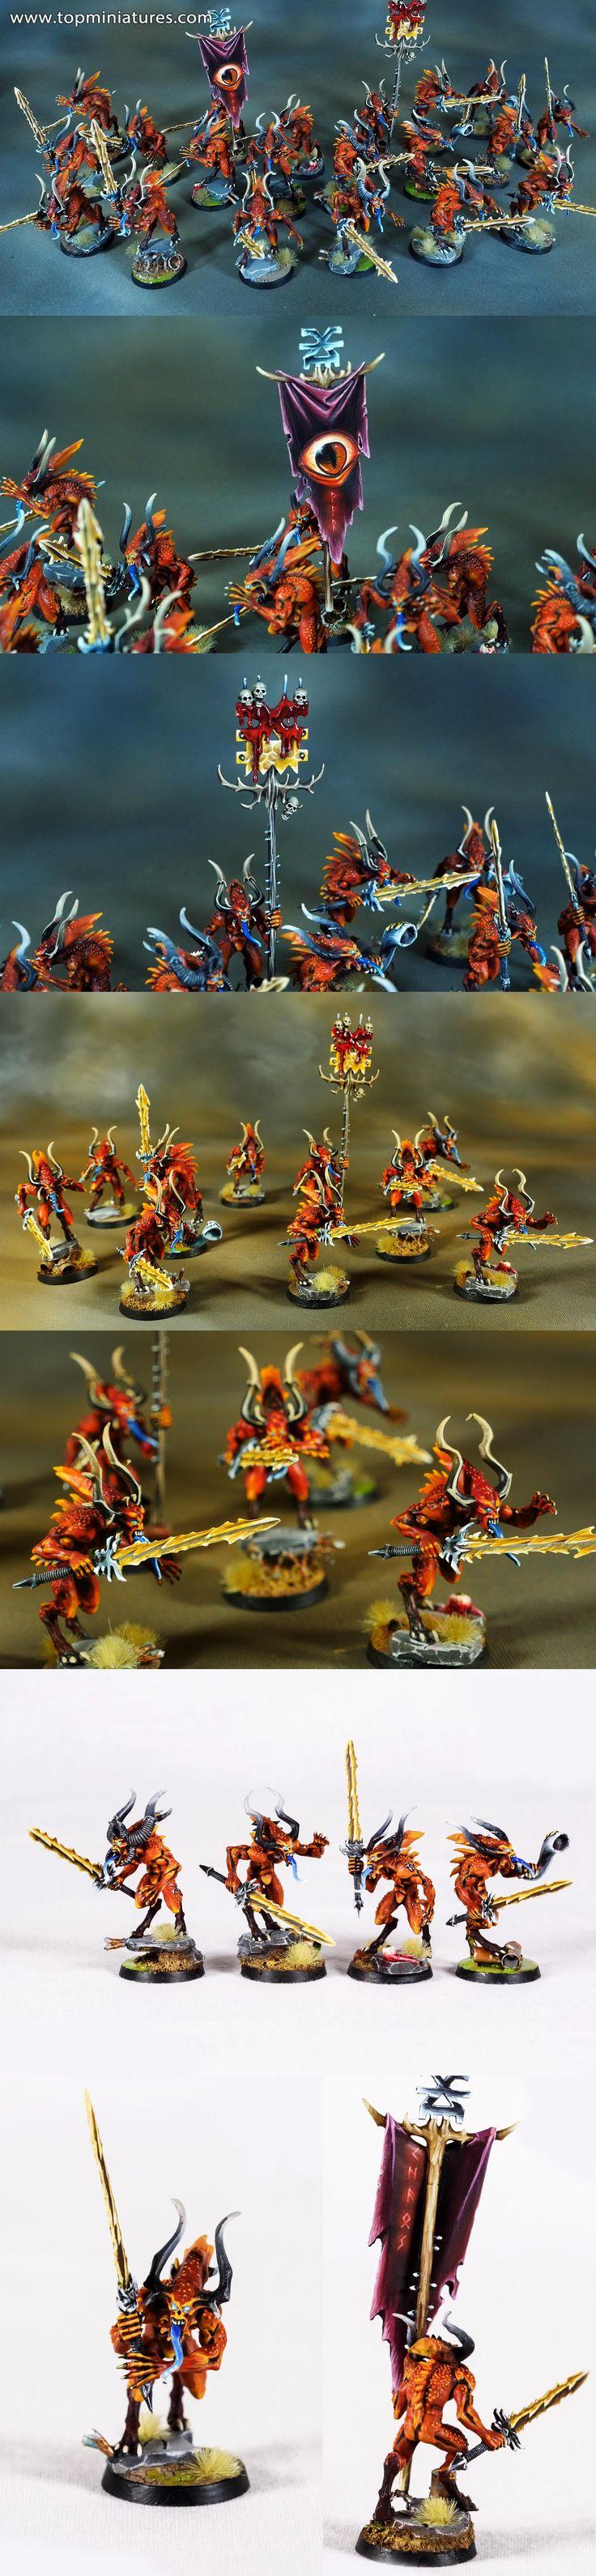 Warhammer 40k chaos daemons bloodletters of khorne